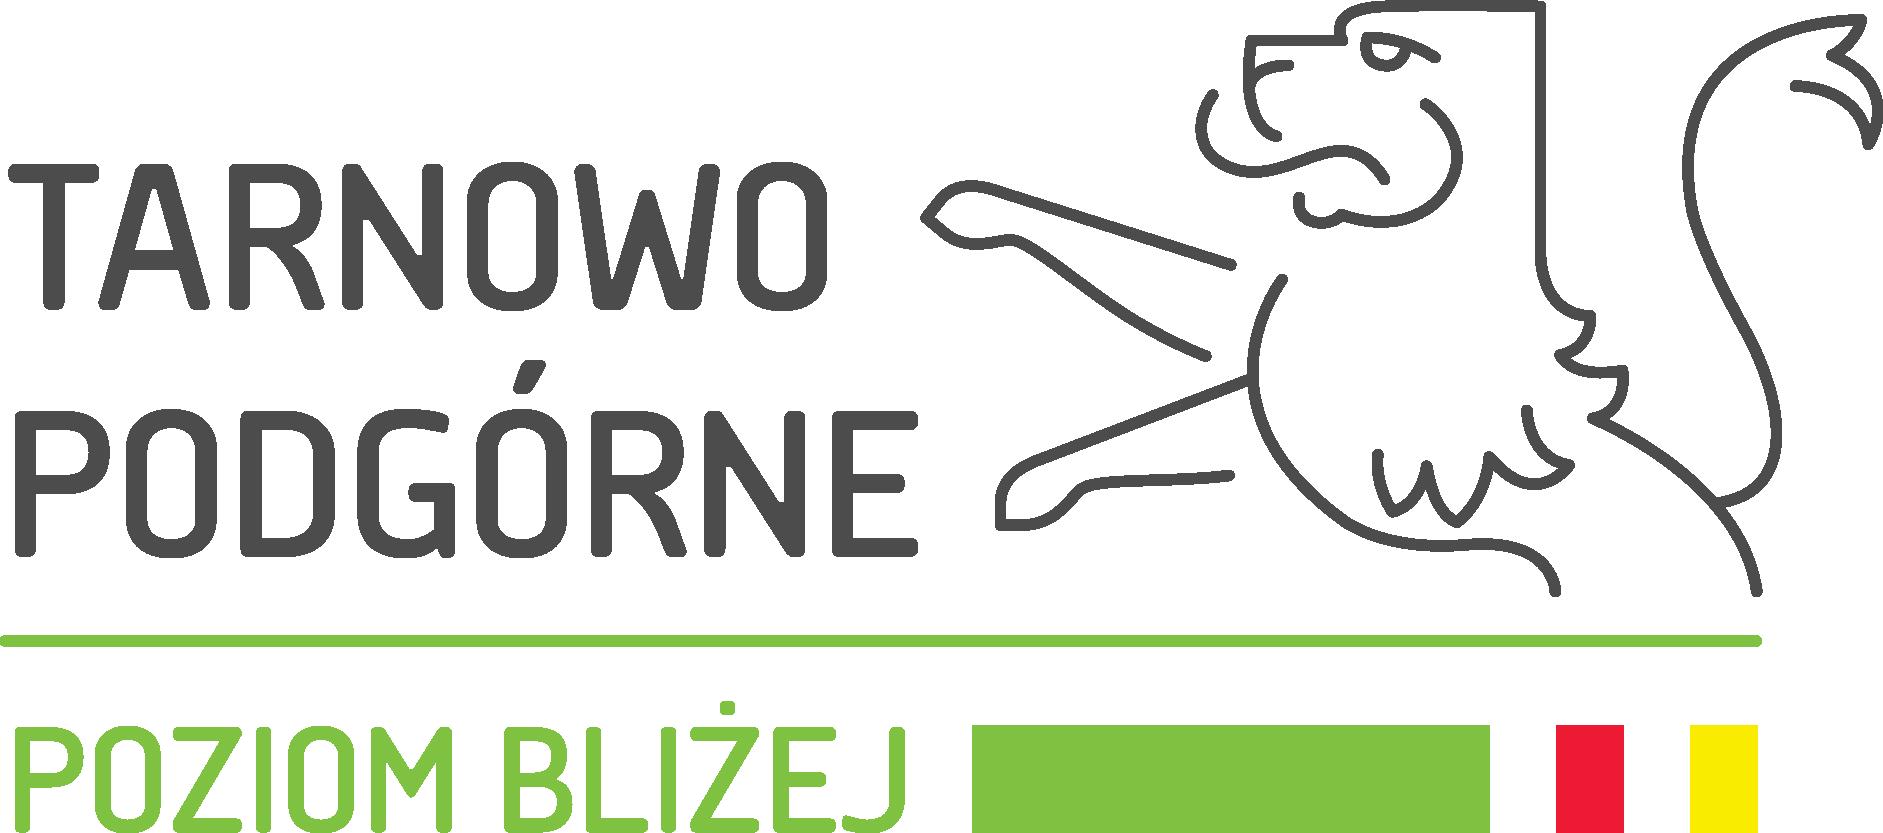 Konsultacje społeczne - Urząd Gminy Tarnowo Podgórne